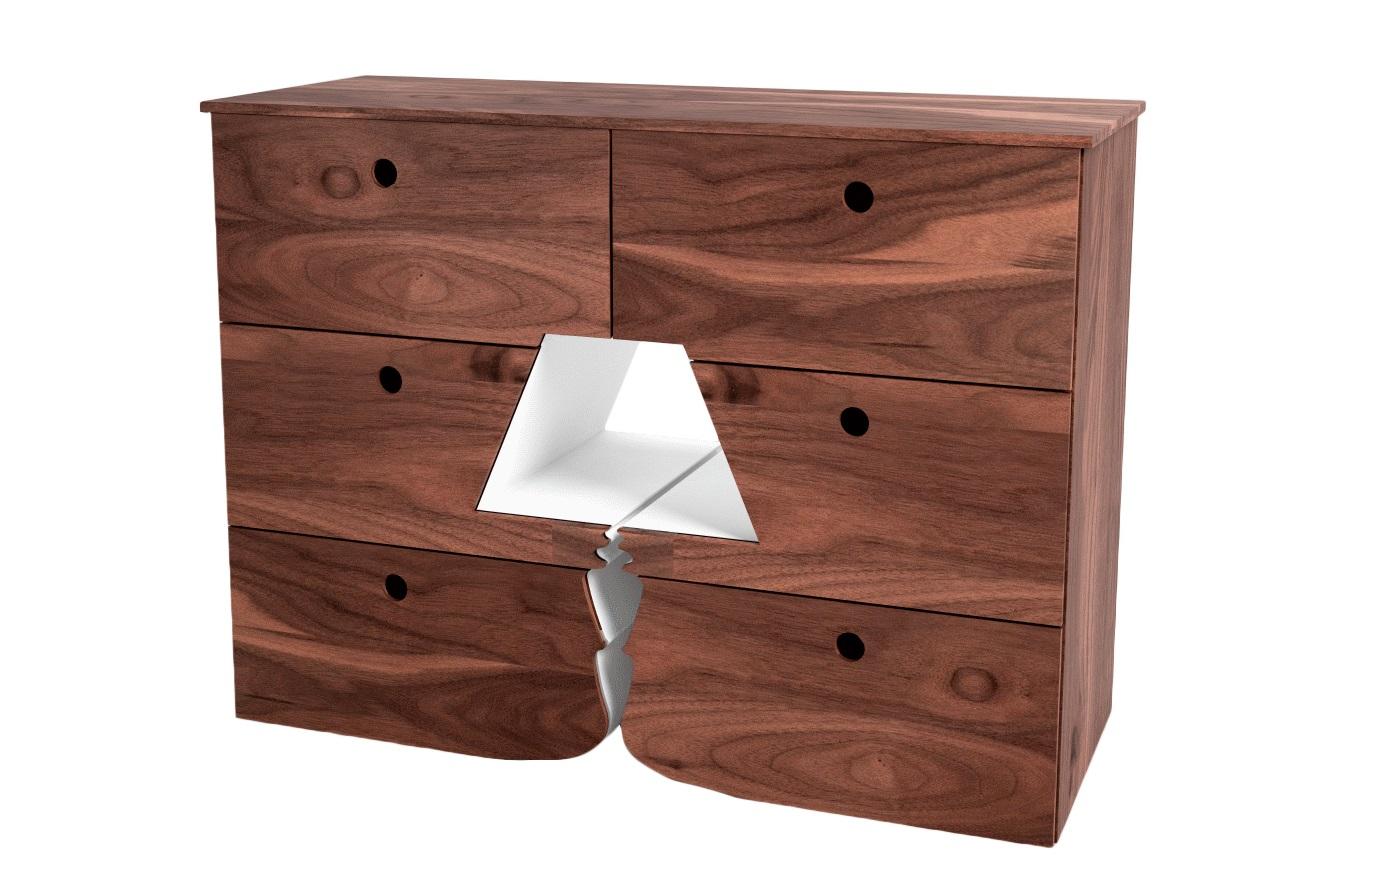 Комод ЛампаБельевые комоды<br>Креативный и оригинальный комод со сквозным отверстием в форме лампы!<br>Ящики выдвигаются, комод функциональный<br>Материал: МДФ, шпон, эмаль<br>Установка не требуется<br><br>Material: МДФ<br>Width см: 123<br>Depth см: 45<br>Height см: 95